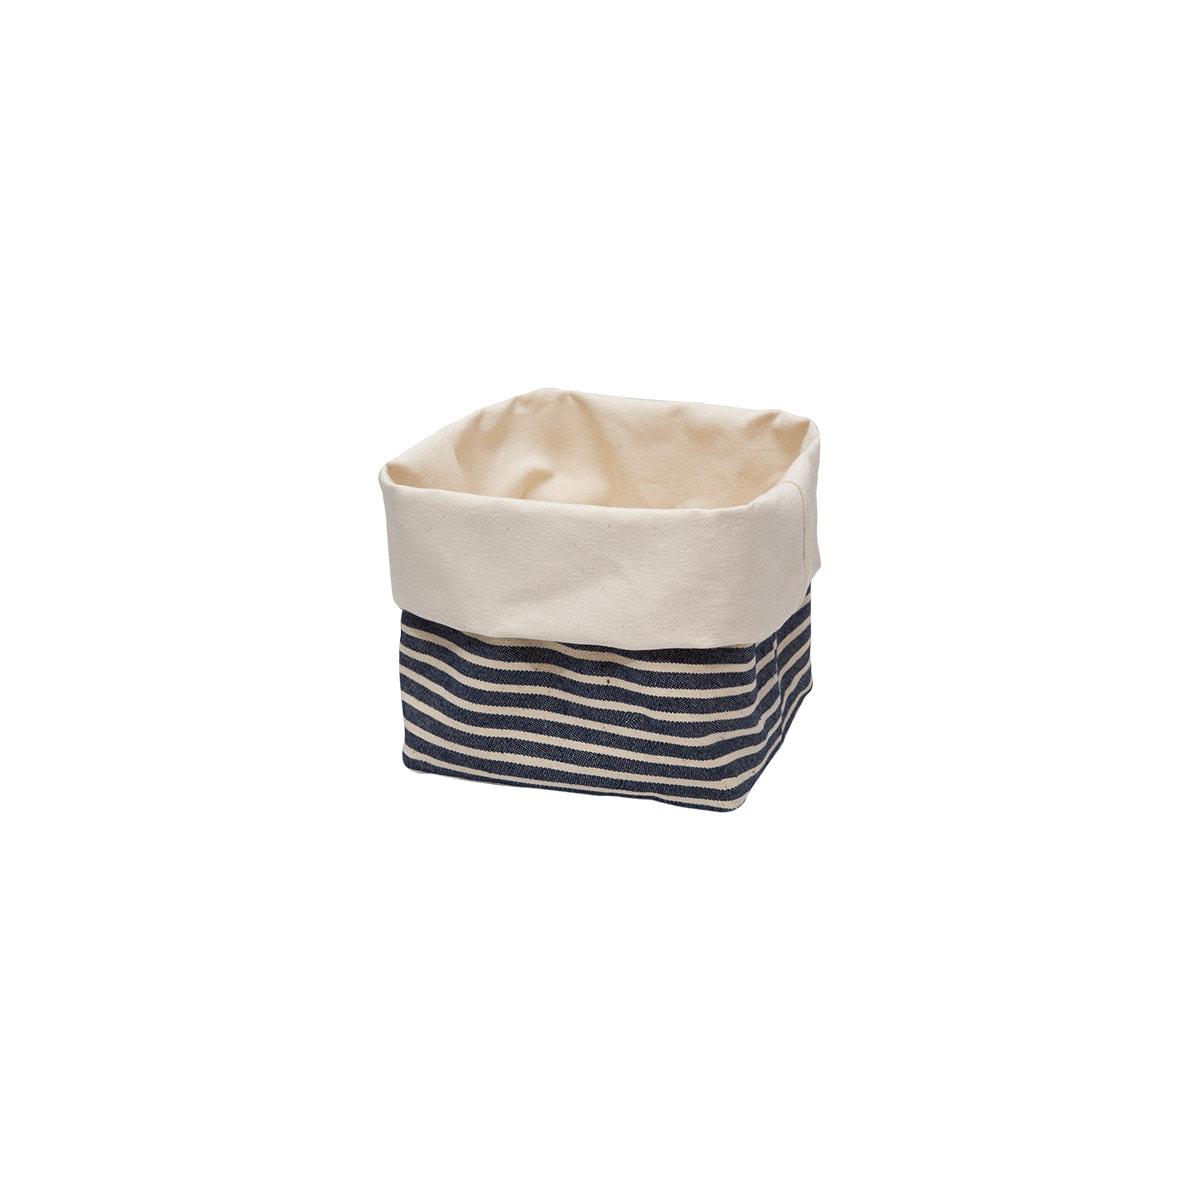 Cesto Organizador • Futon Company ® #7F664C 1200x1200 Acessorios Banheiro Moema